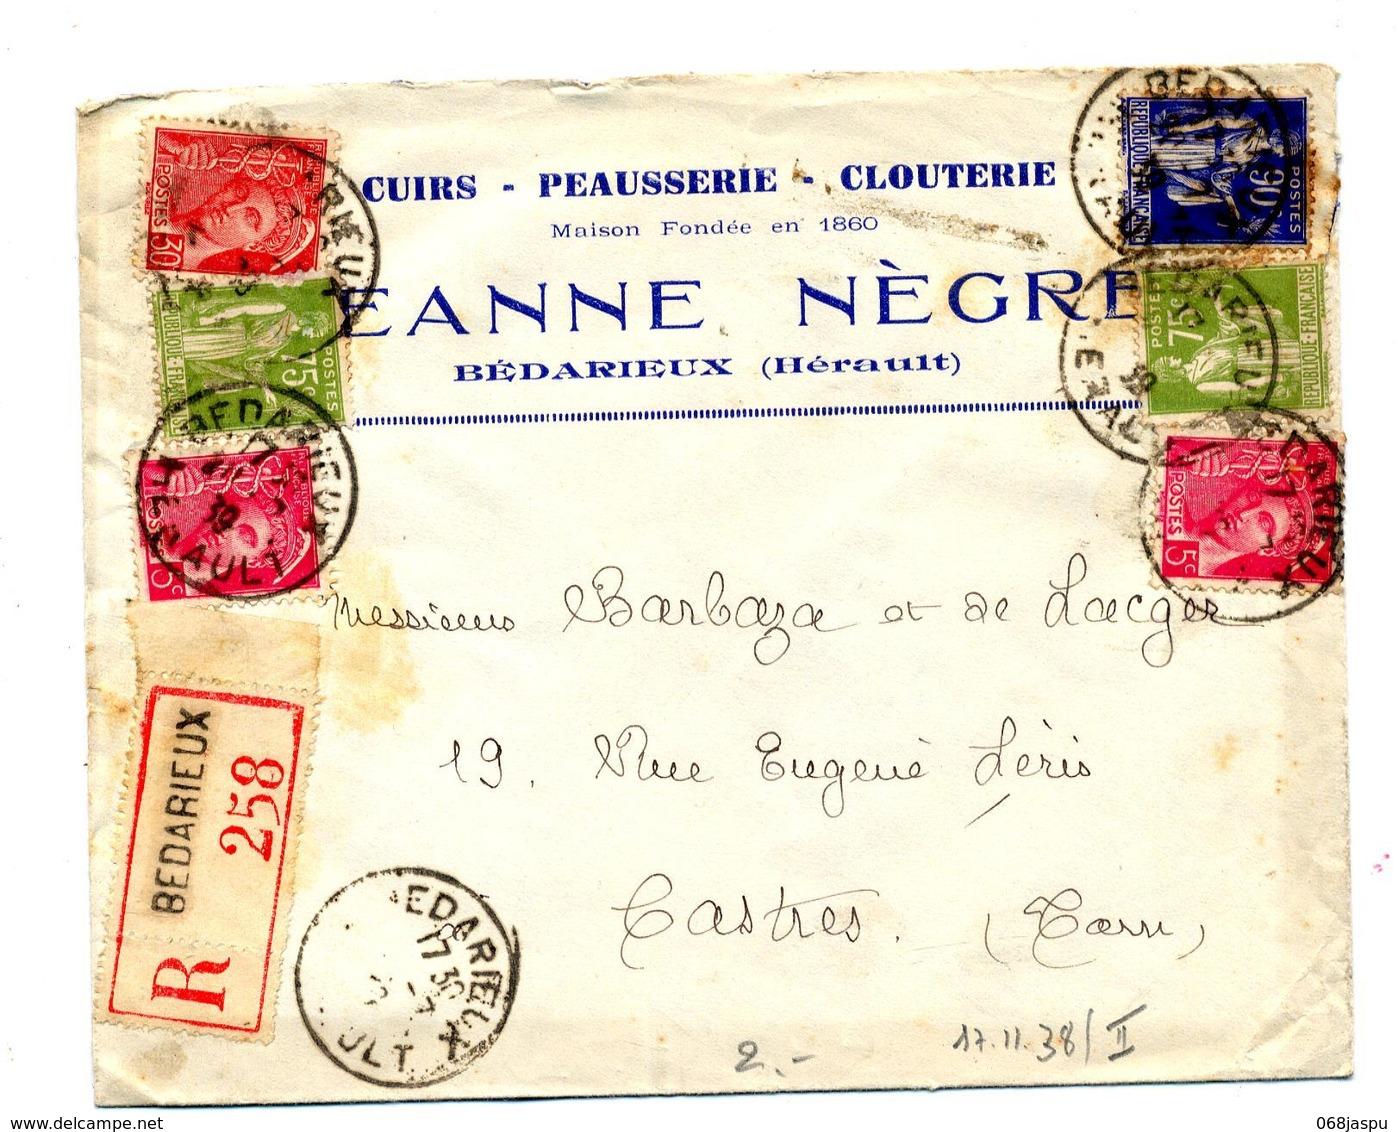 Lettre Recommandée Bedarieux Sur Mercure Paix  Entete Cuir Negre - Postmark Collection (Covers)